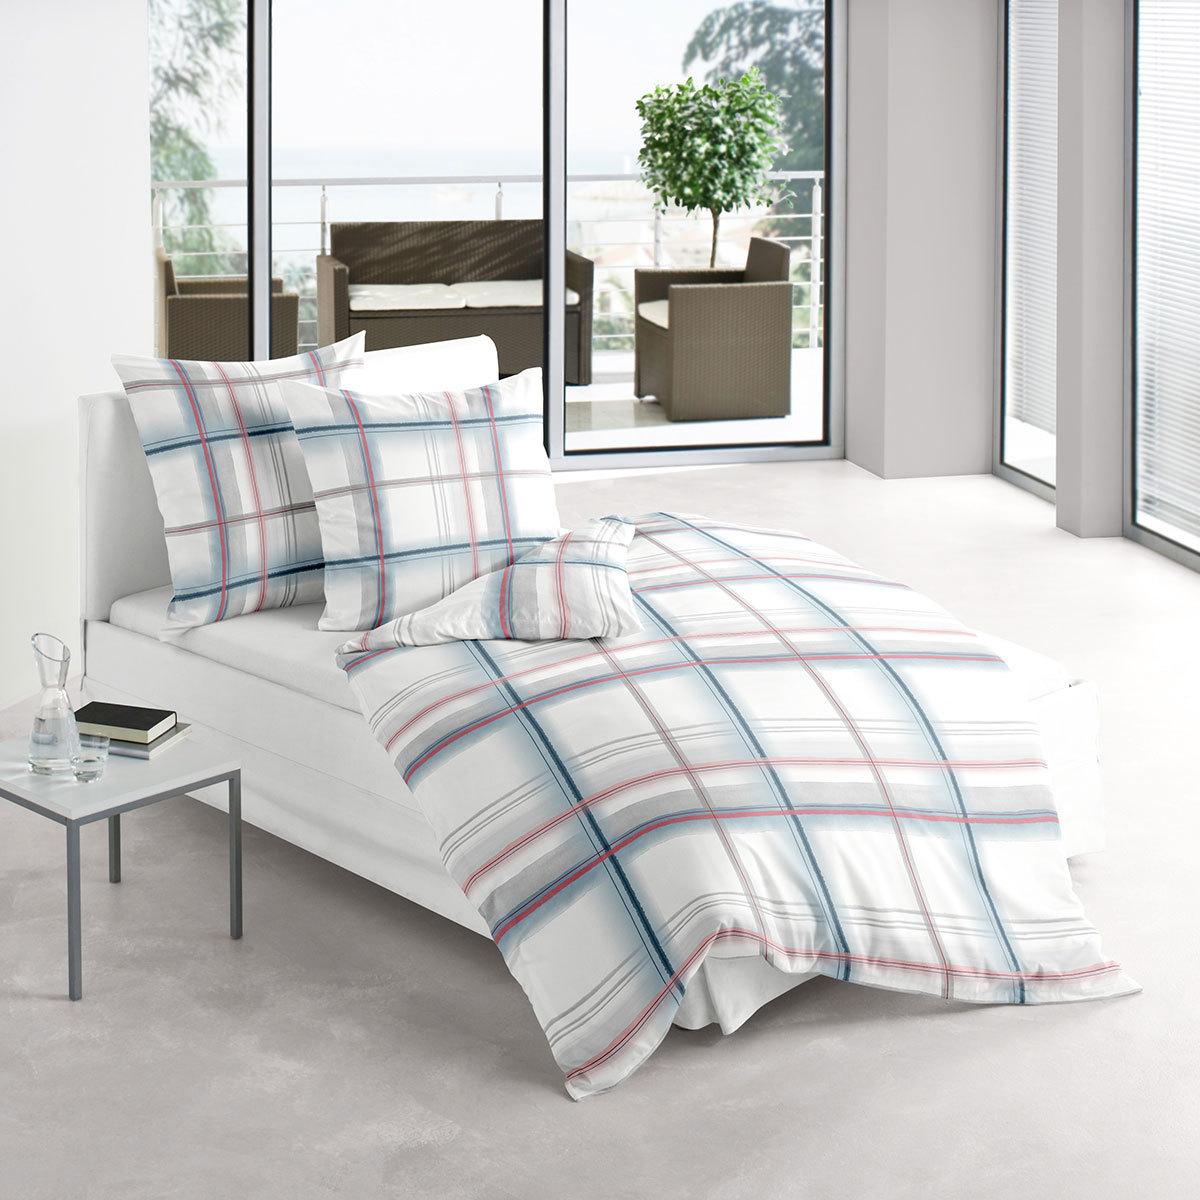 irisette biber bettw sche davos 8630 20 g nstig online kaufen bei bettwaren shop. Black Bedroom Furniture Sets. Home Design Ideas